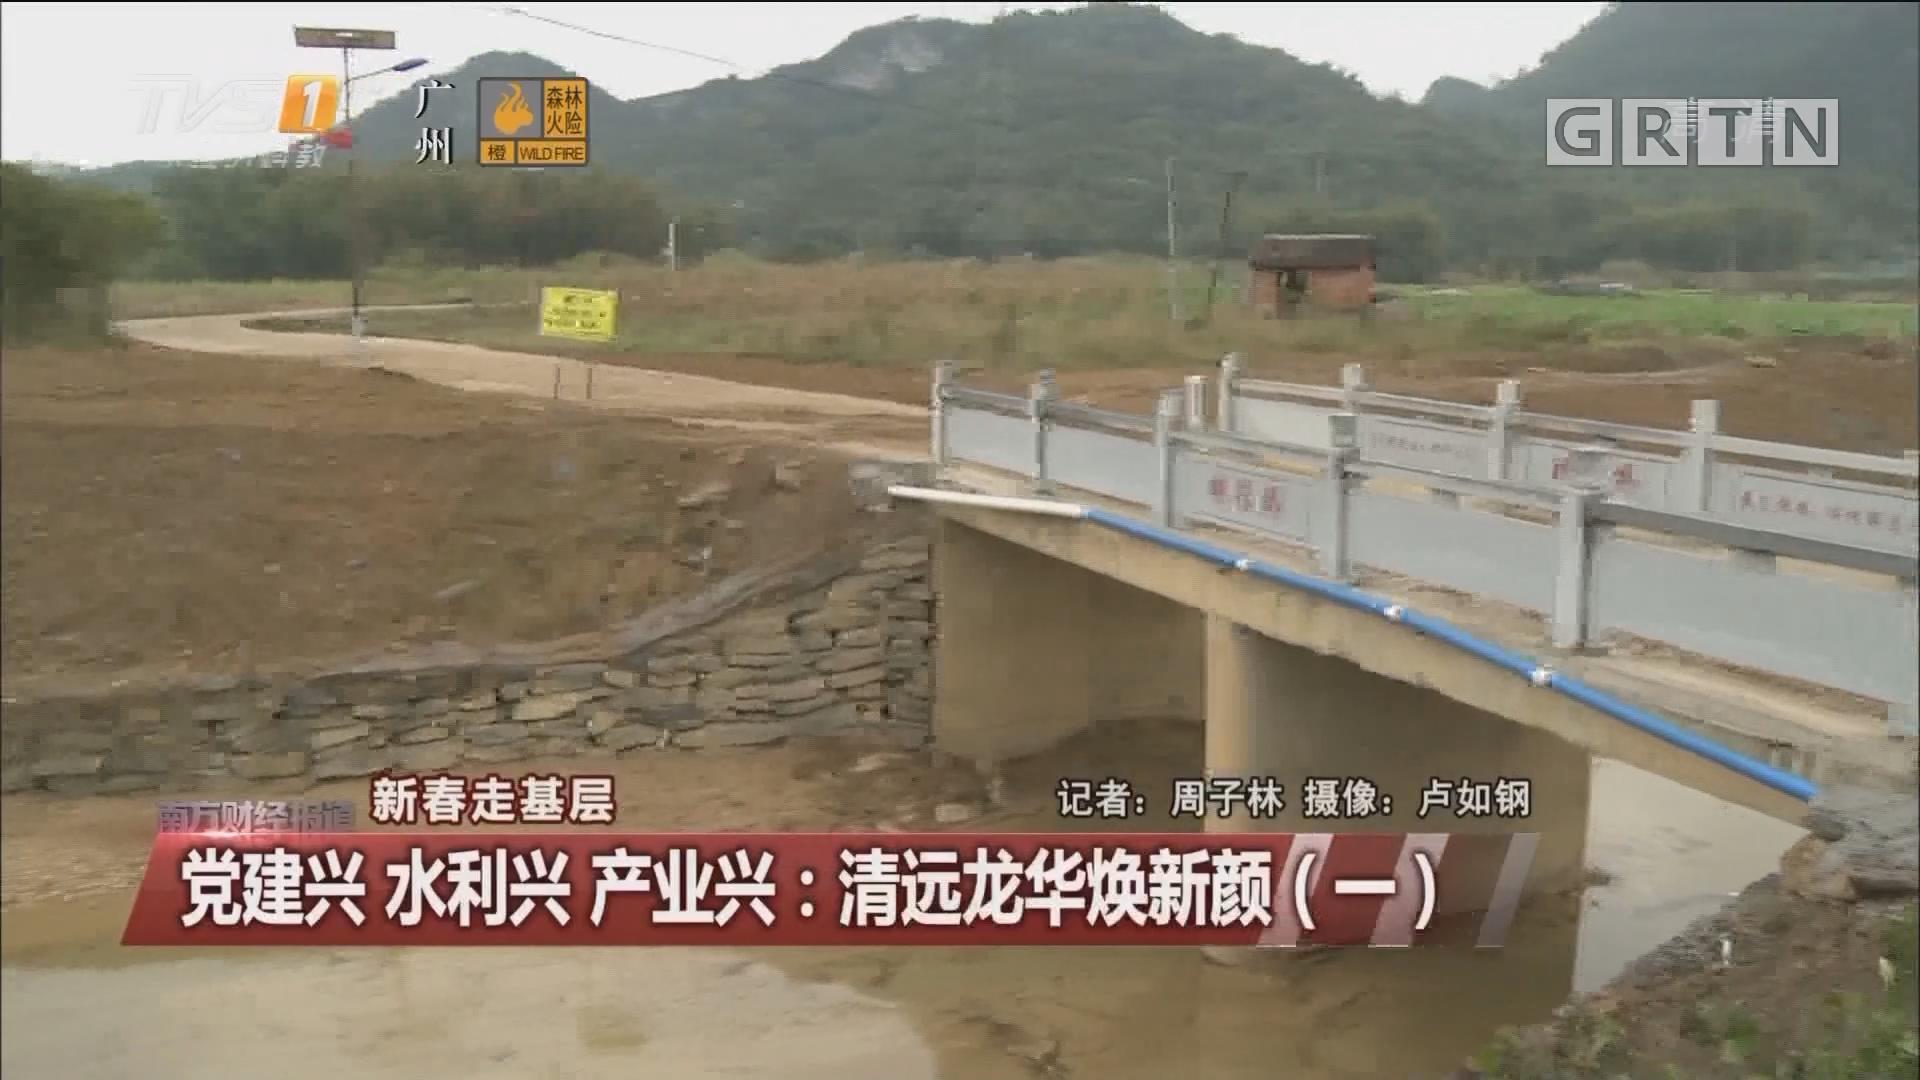 党建兴 水利兴 产业兴:清远龙华焕新颜(一)